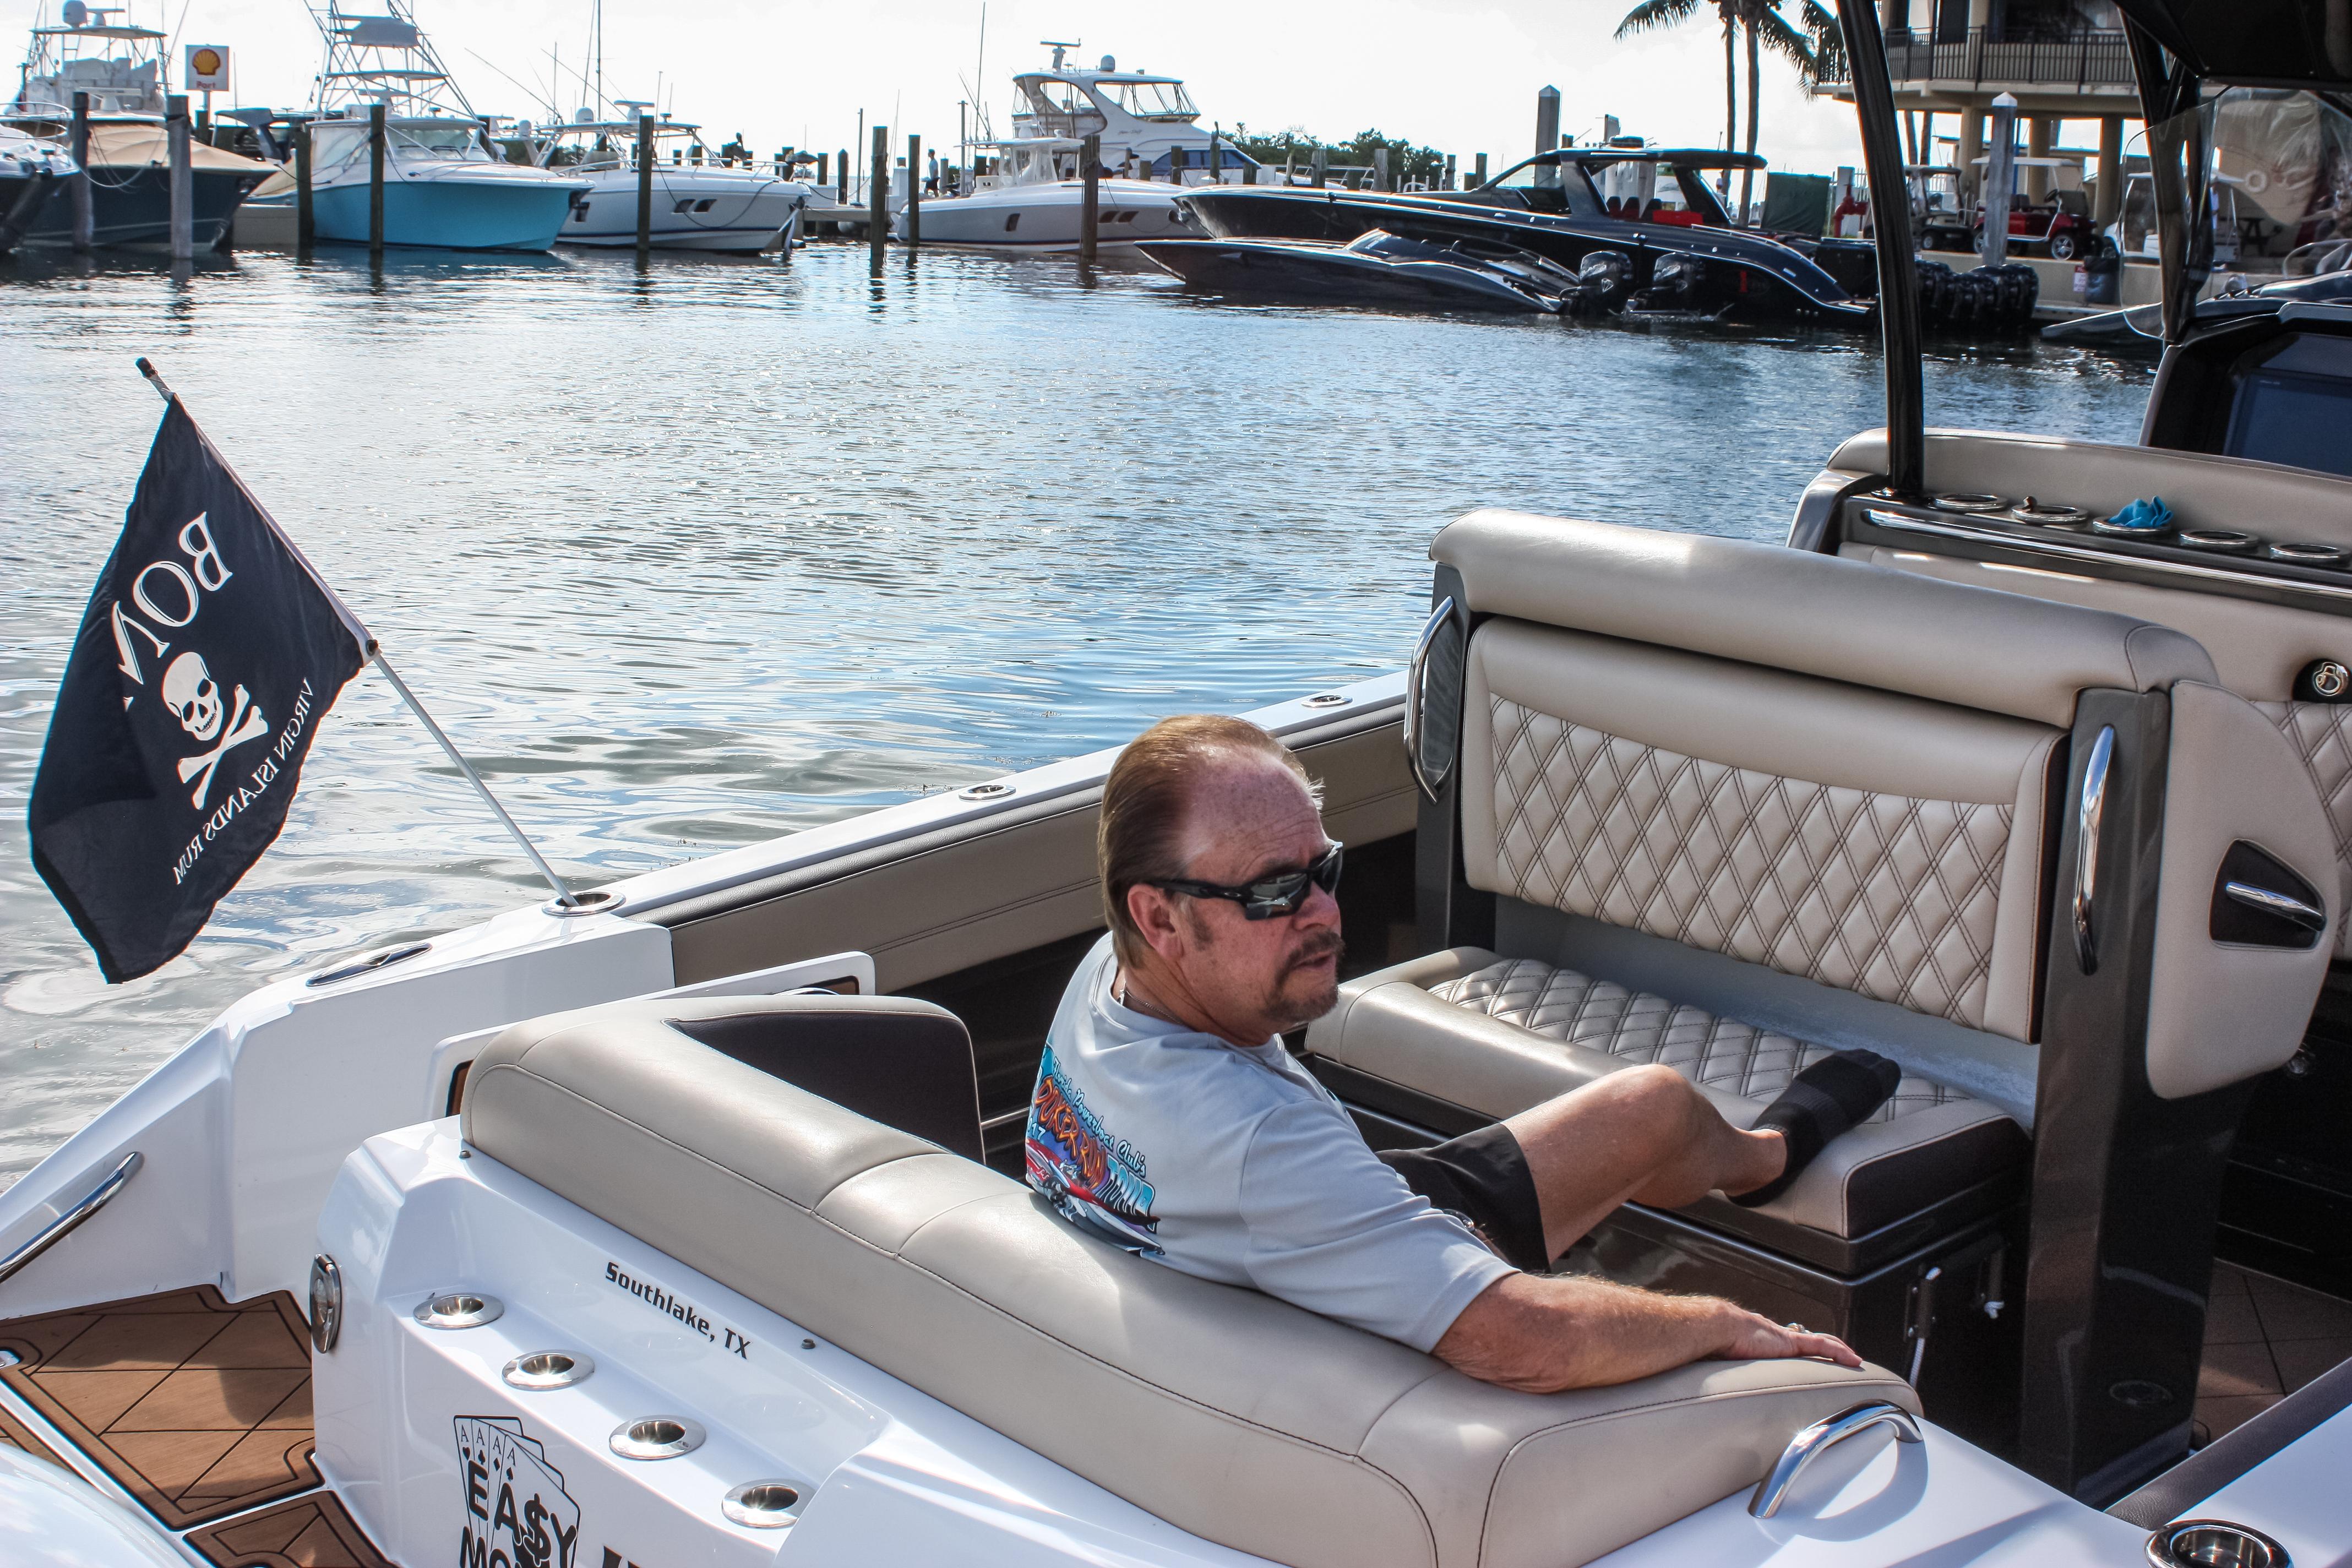 29 390 roger relax on own boat.jpg